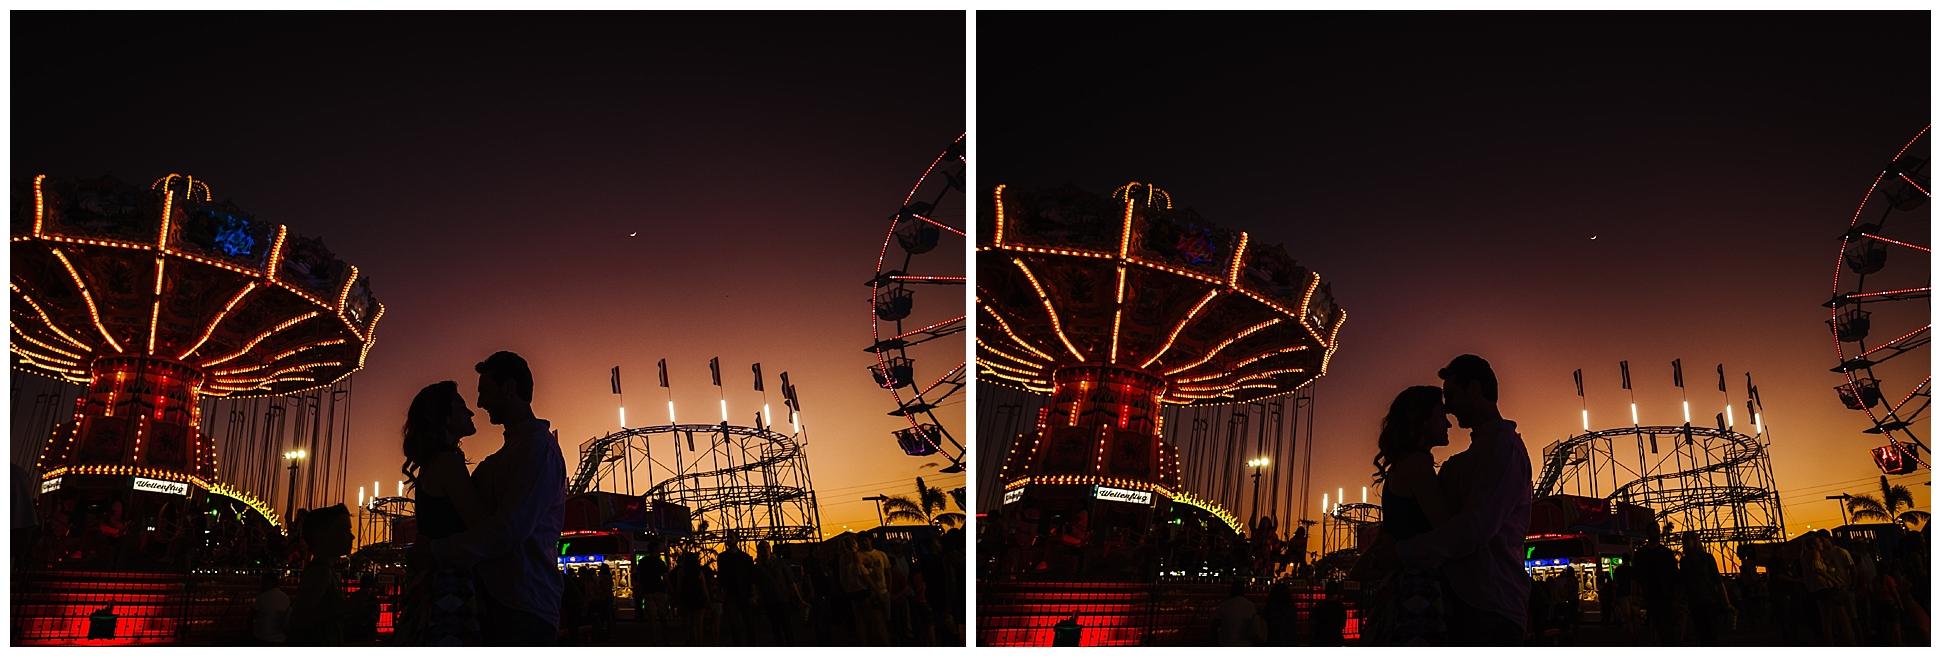 Tampa-colorful-fair-amusement park-dani family session_0026.jpg